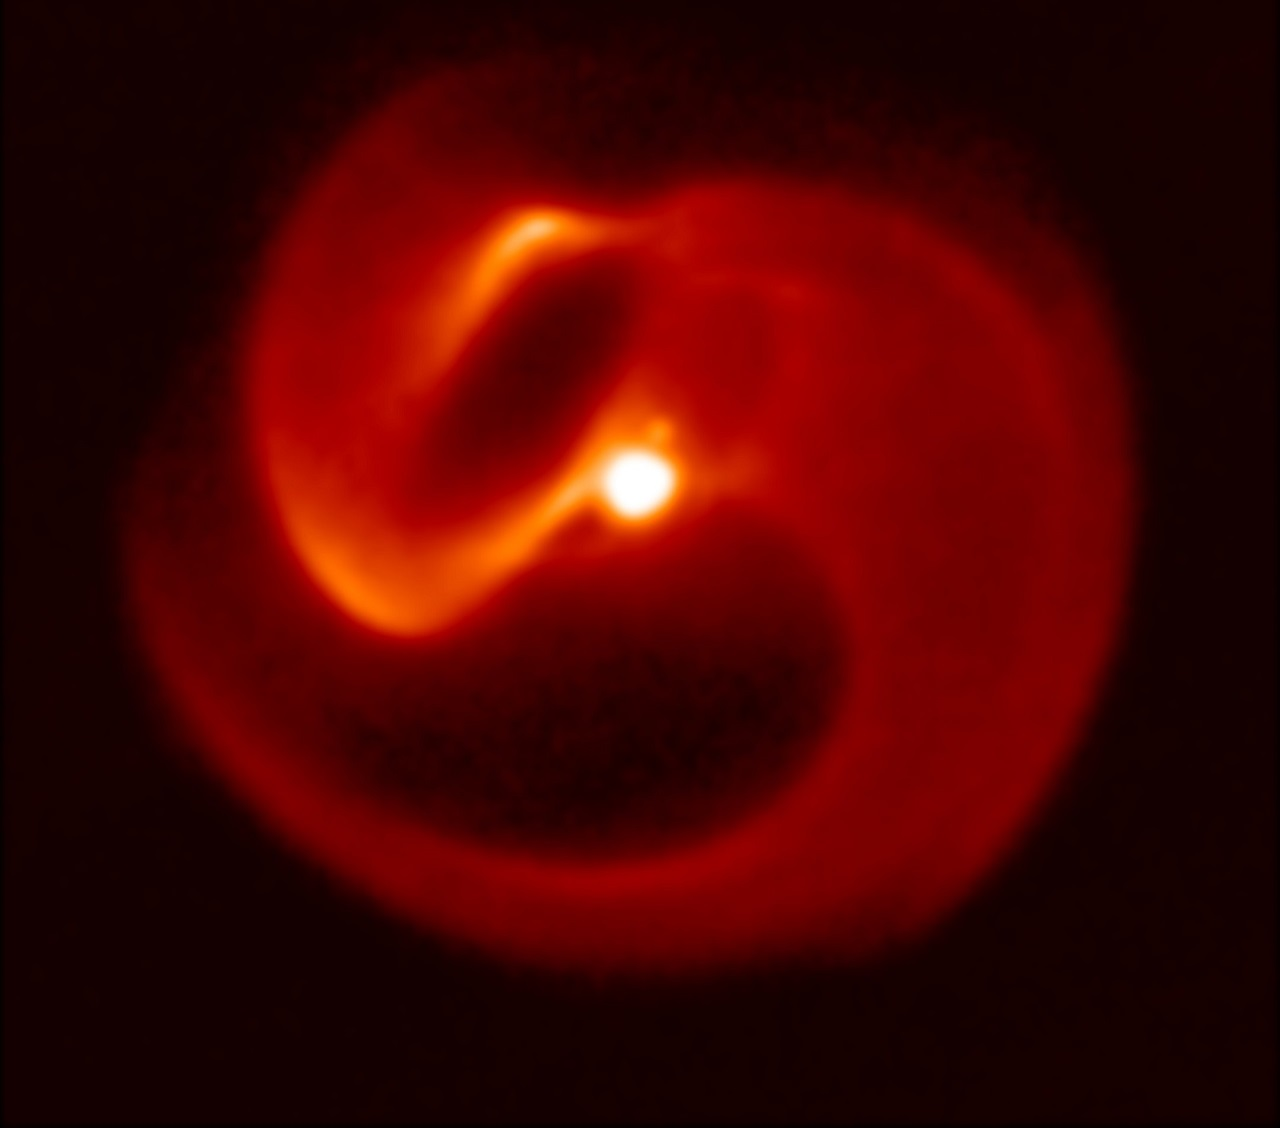 ირმის ნახტომში მალე ორმაგი ვარსკვლავი აფეთქდება და შესაძლოა, გამა-გამოსხივებაც წარმოიქმნას